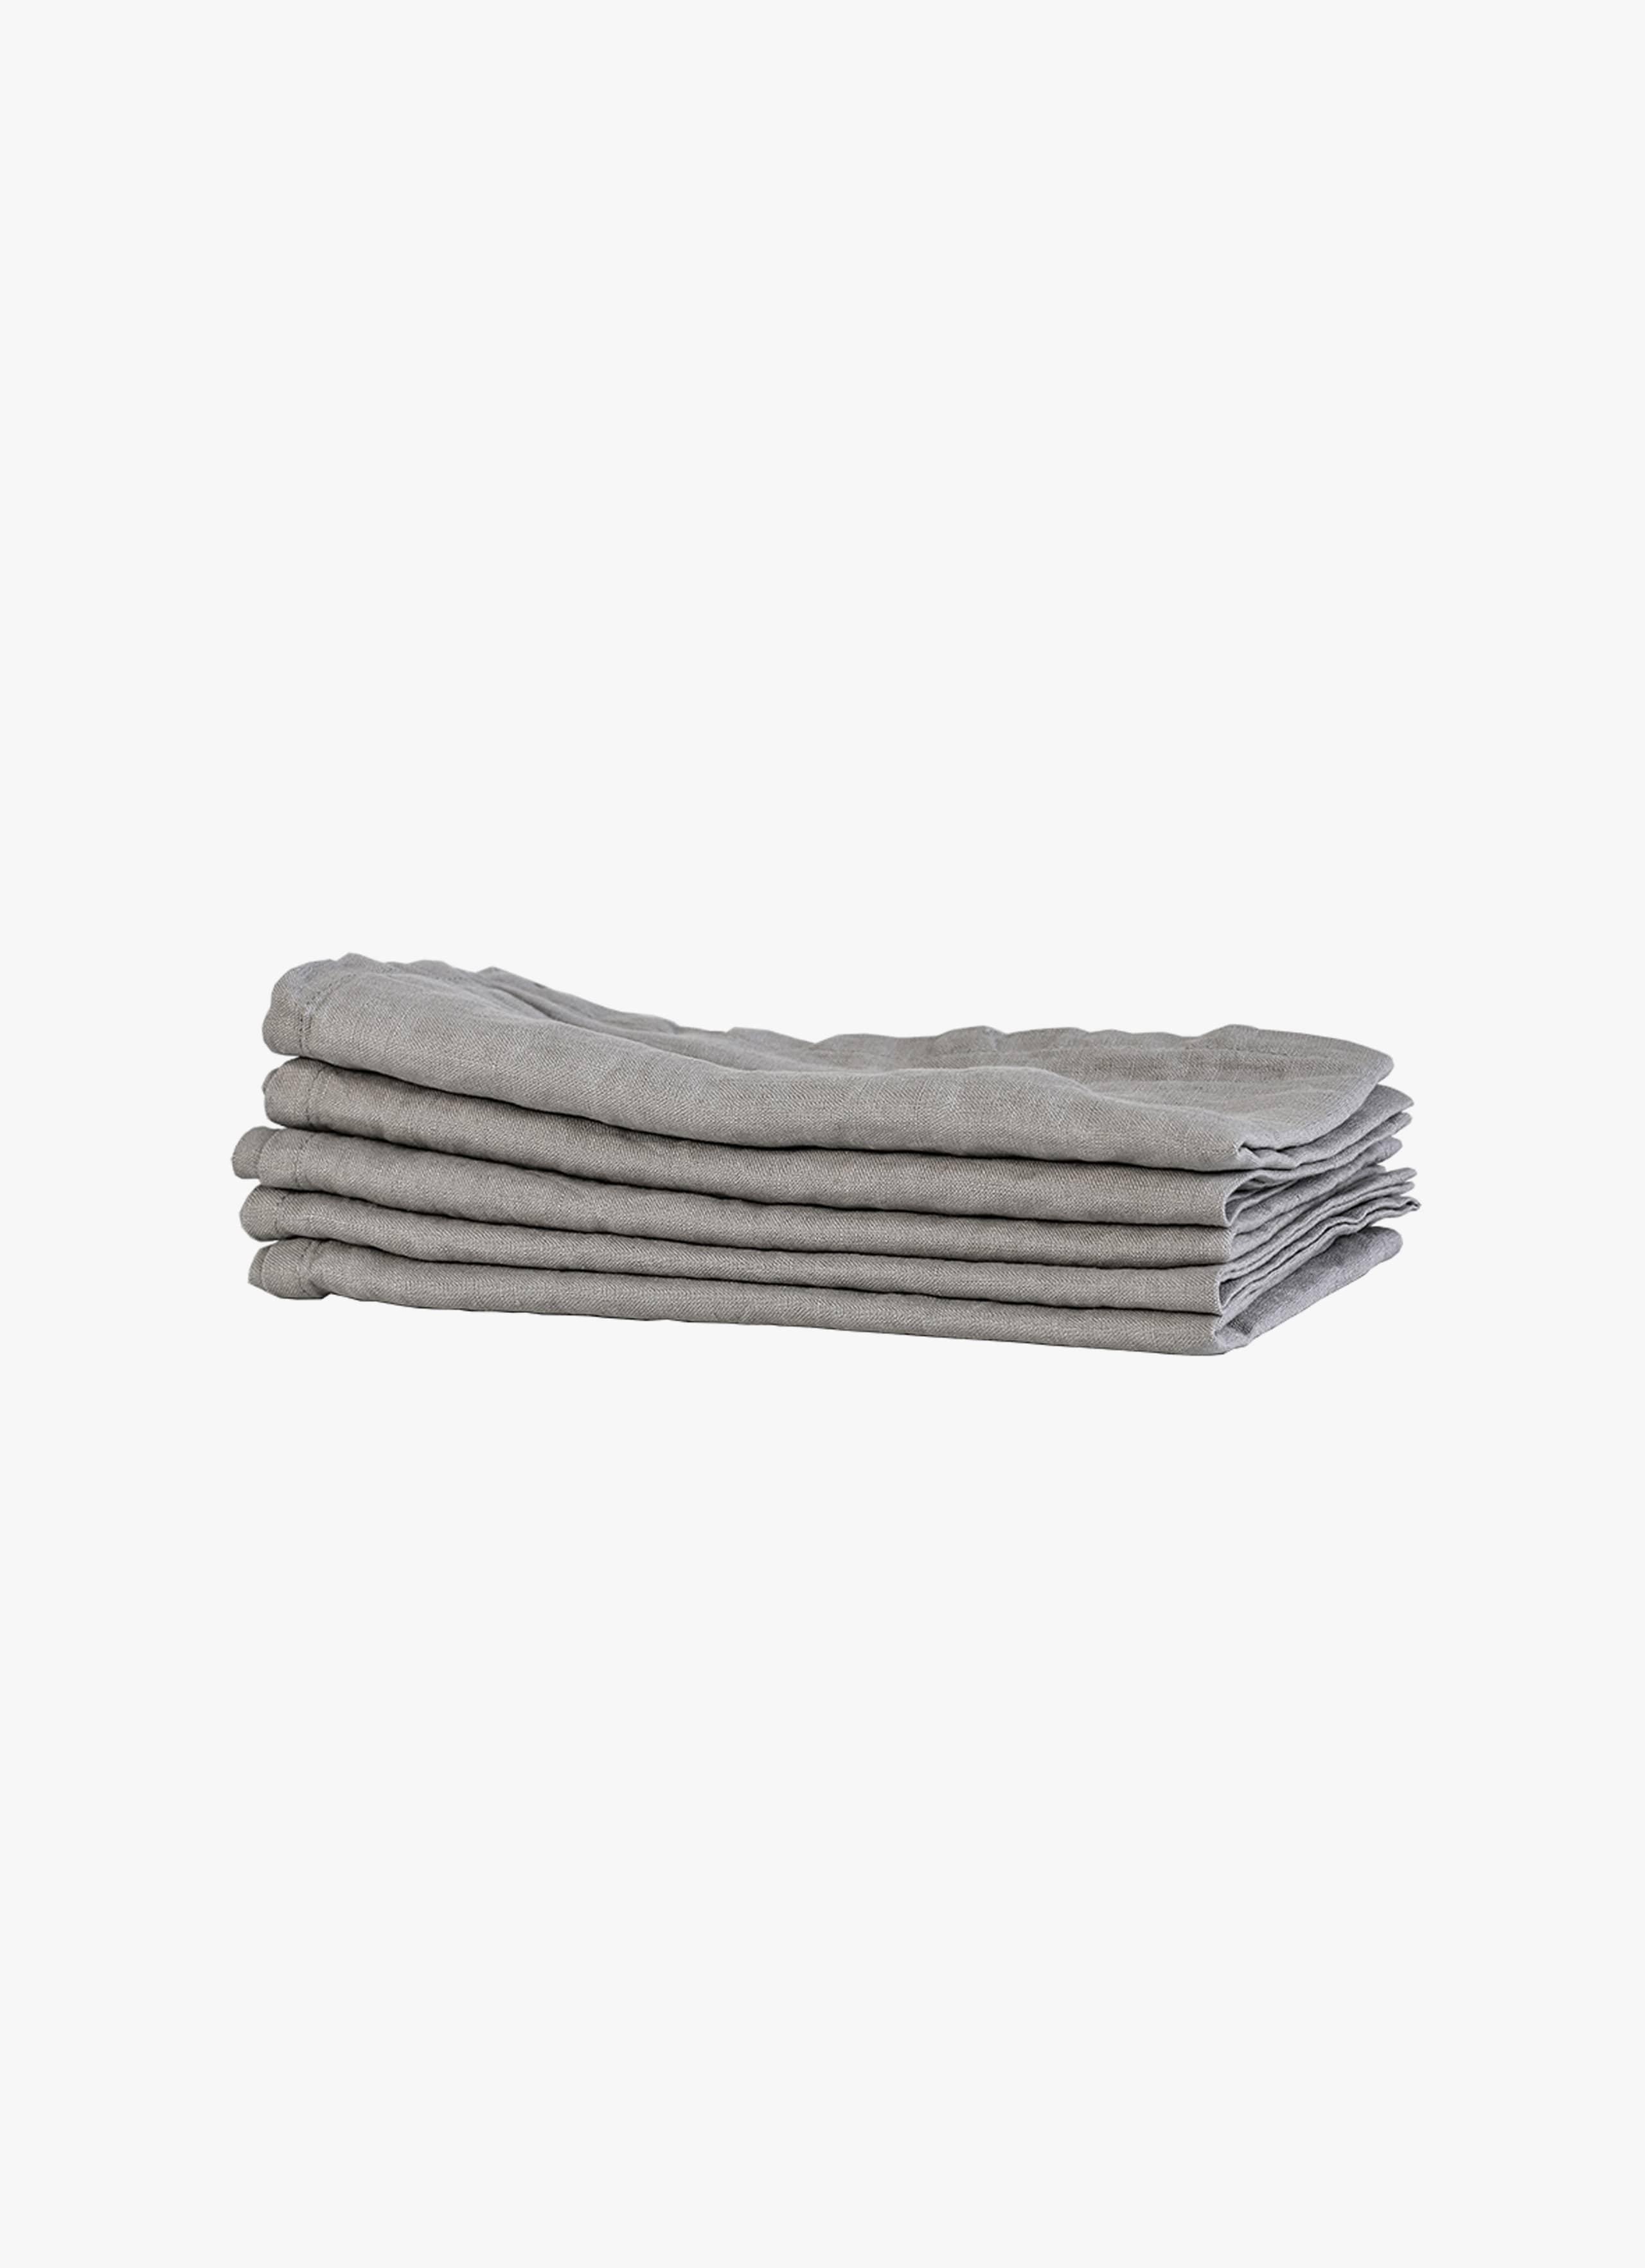 Tell Me More - Linen Napkin - Light Grey